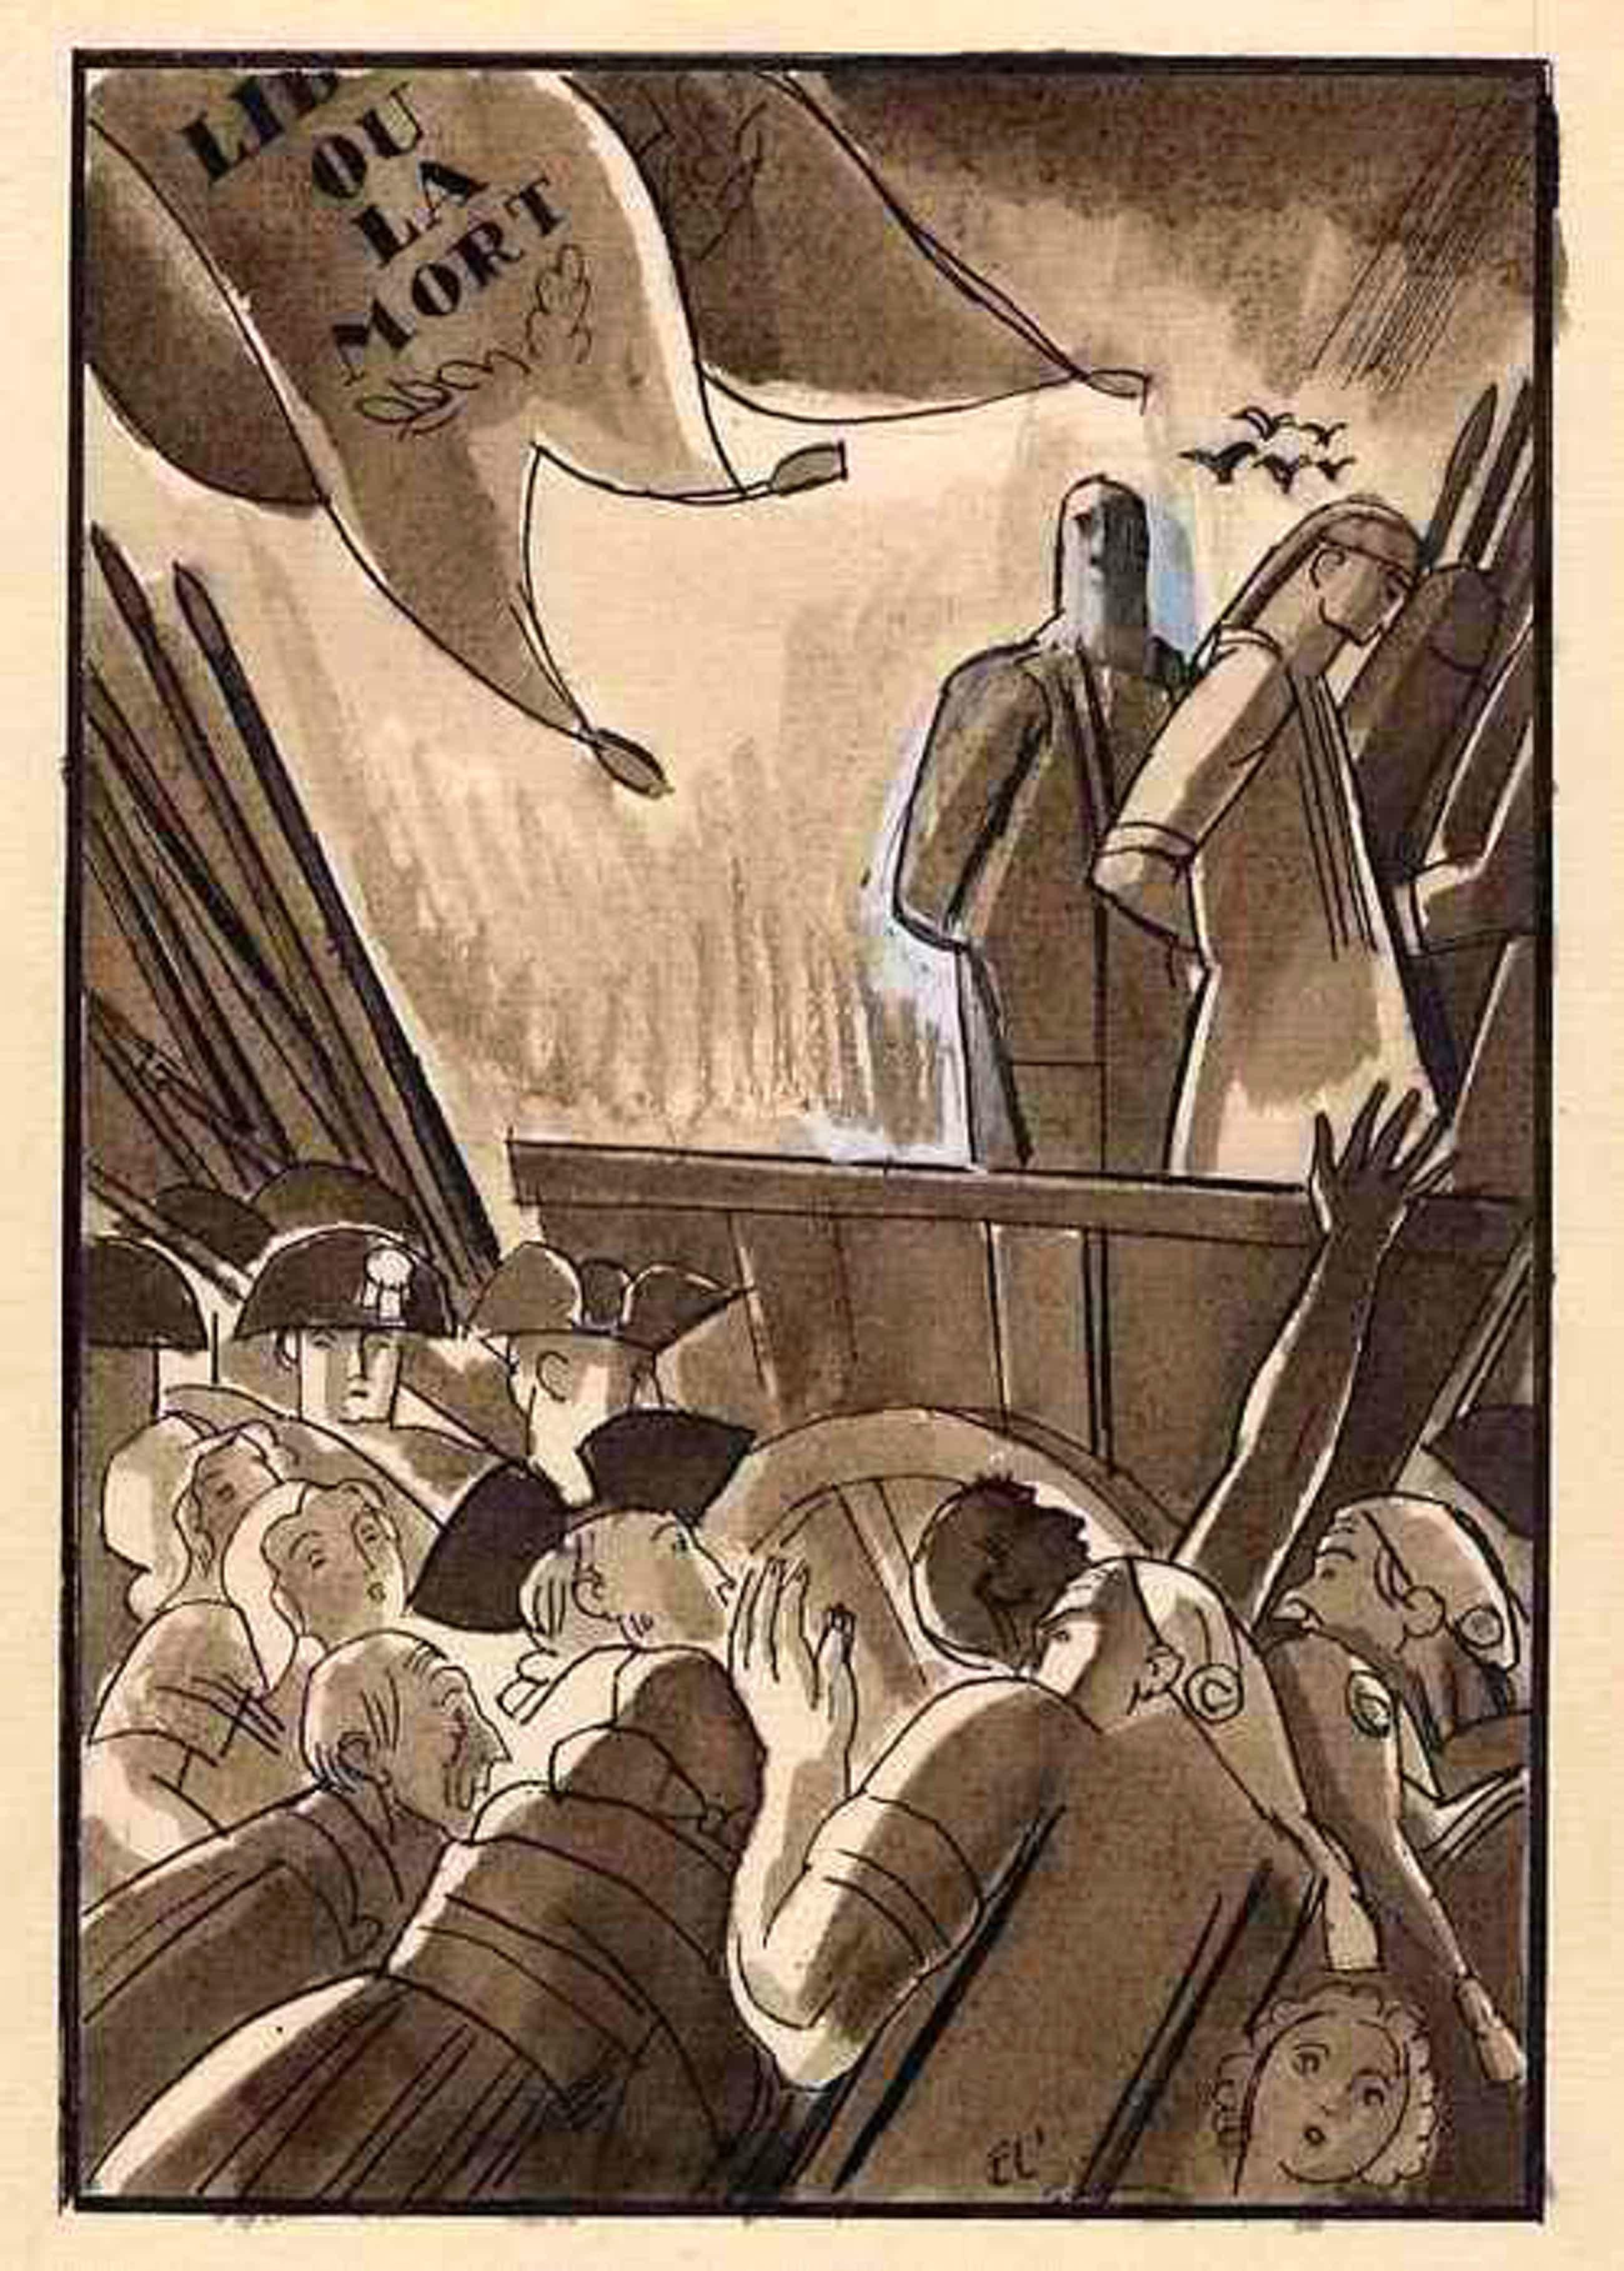 Edouard Lèon  Louis Legrand - LIBERTÉ ou La MORT - Original Feder-AquarellZeichnung 1921 handsigniert - TOD oder FREIHEIT Plume/Aq kopen? Bied vanaf 280!